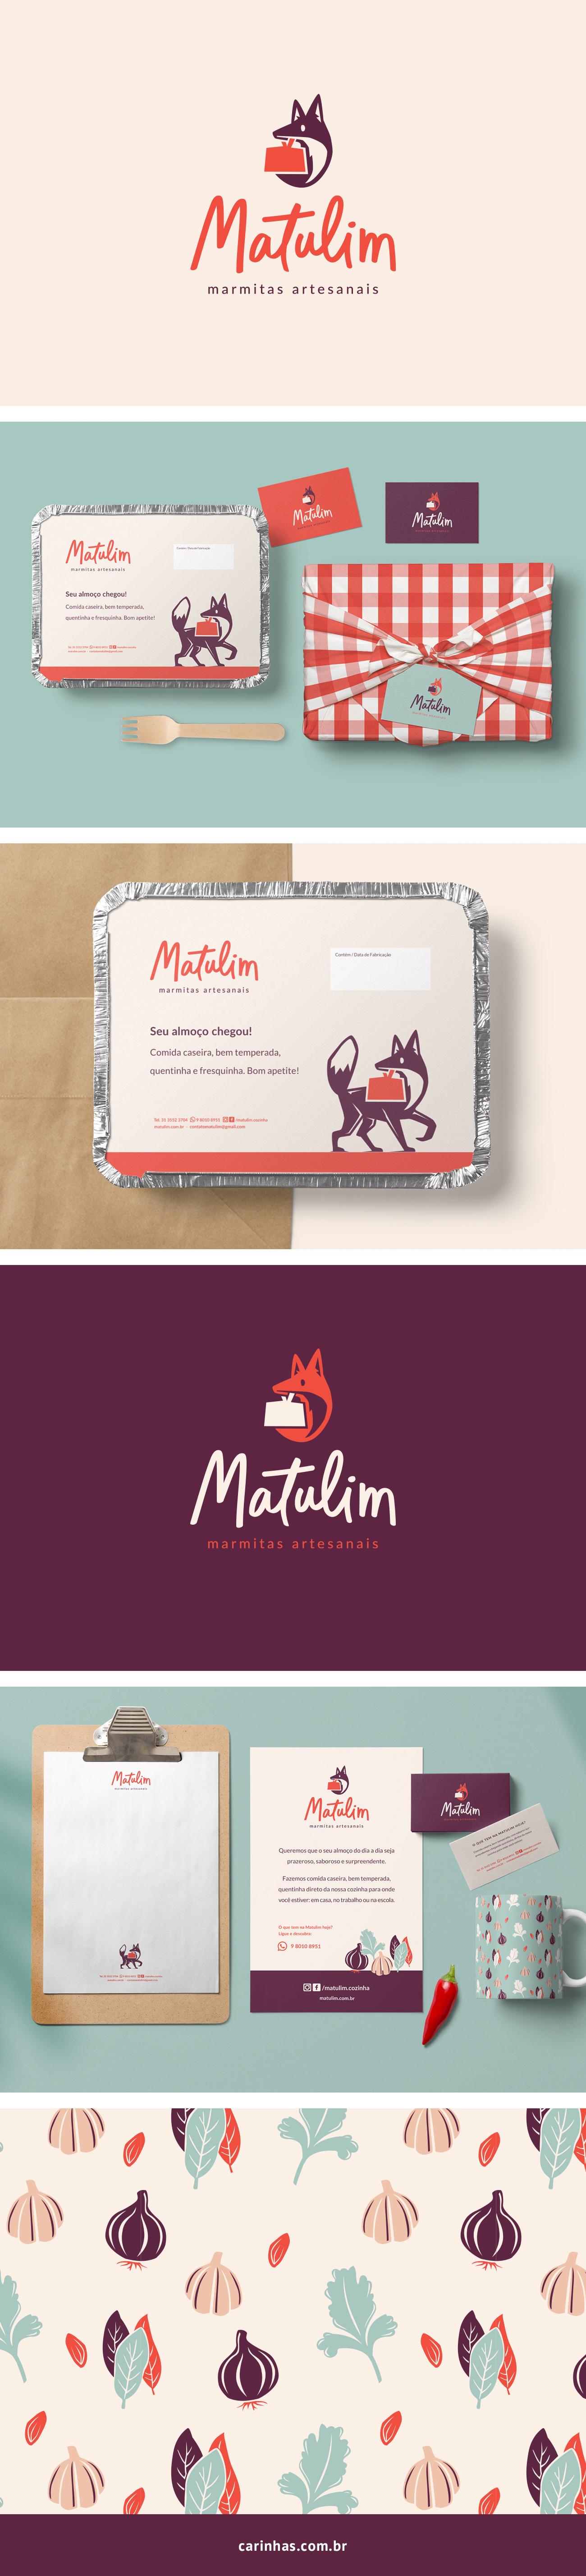 Marca Apaixonante para Matulim - carinhas.com.br